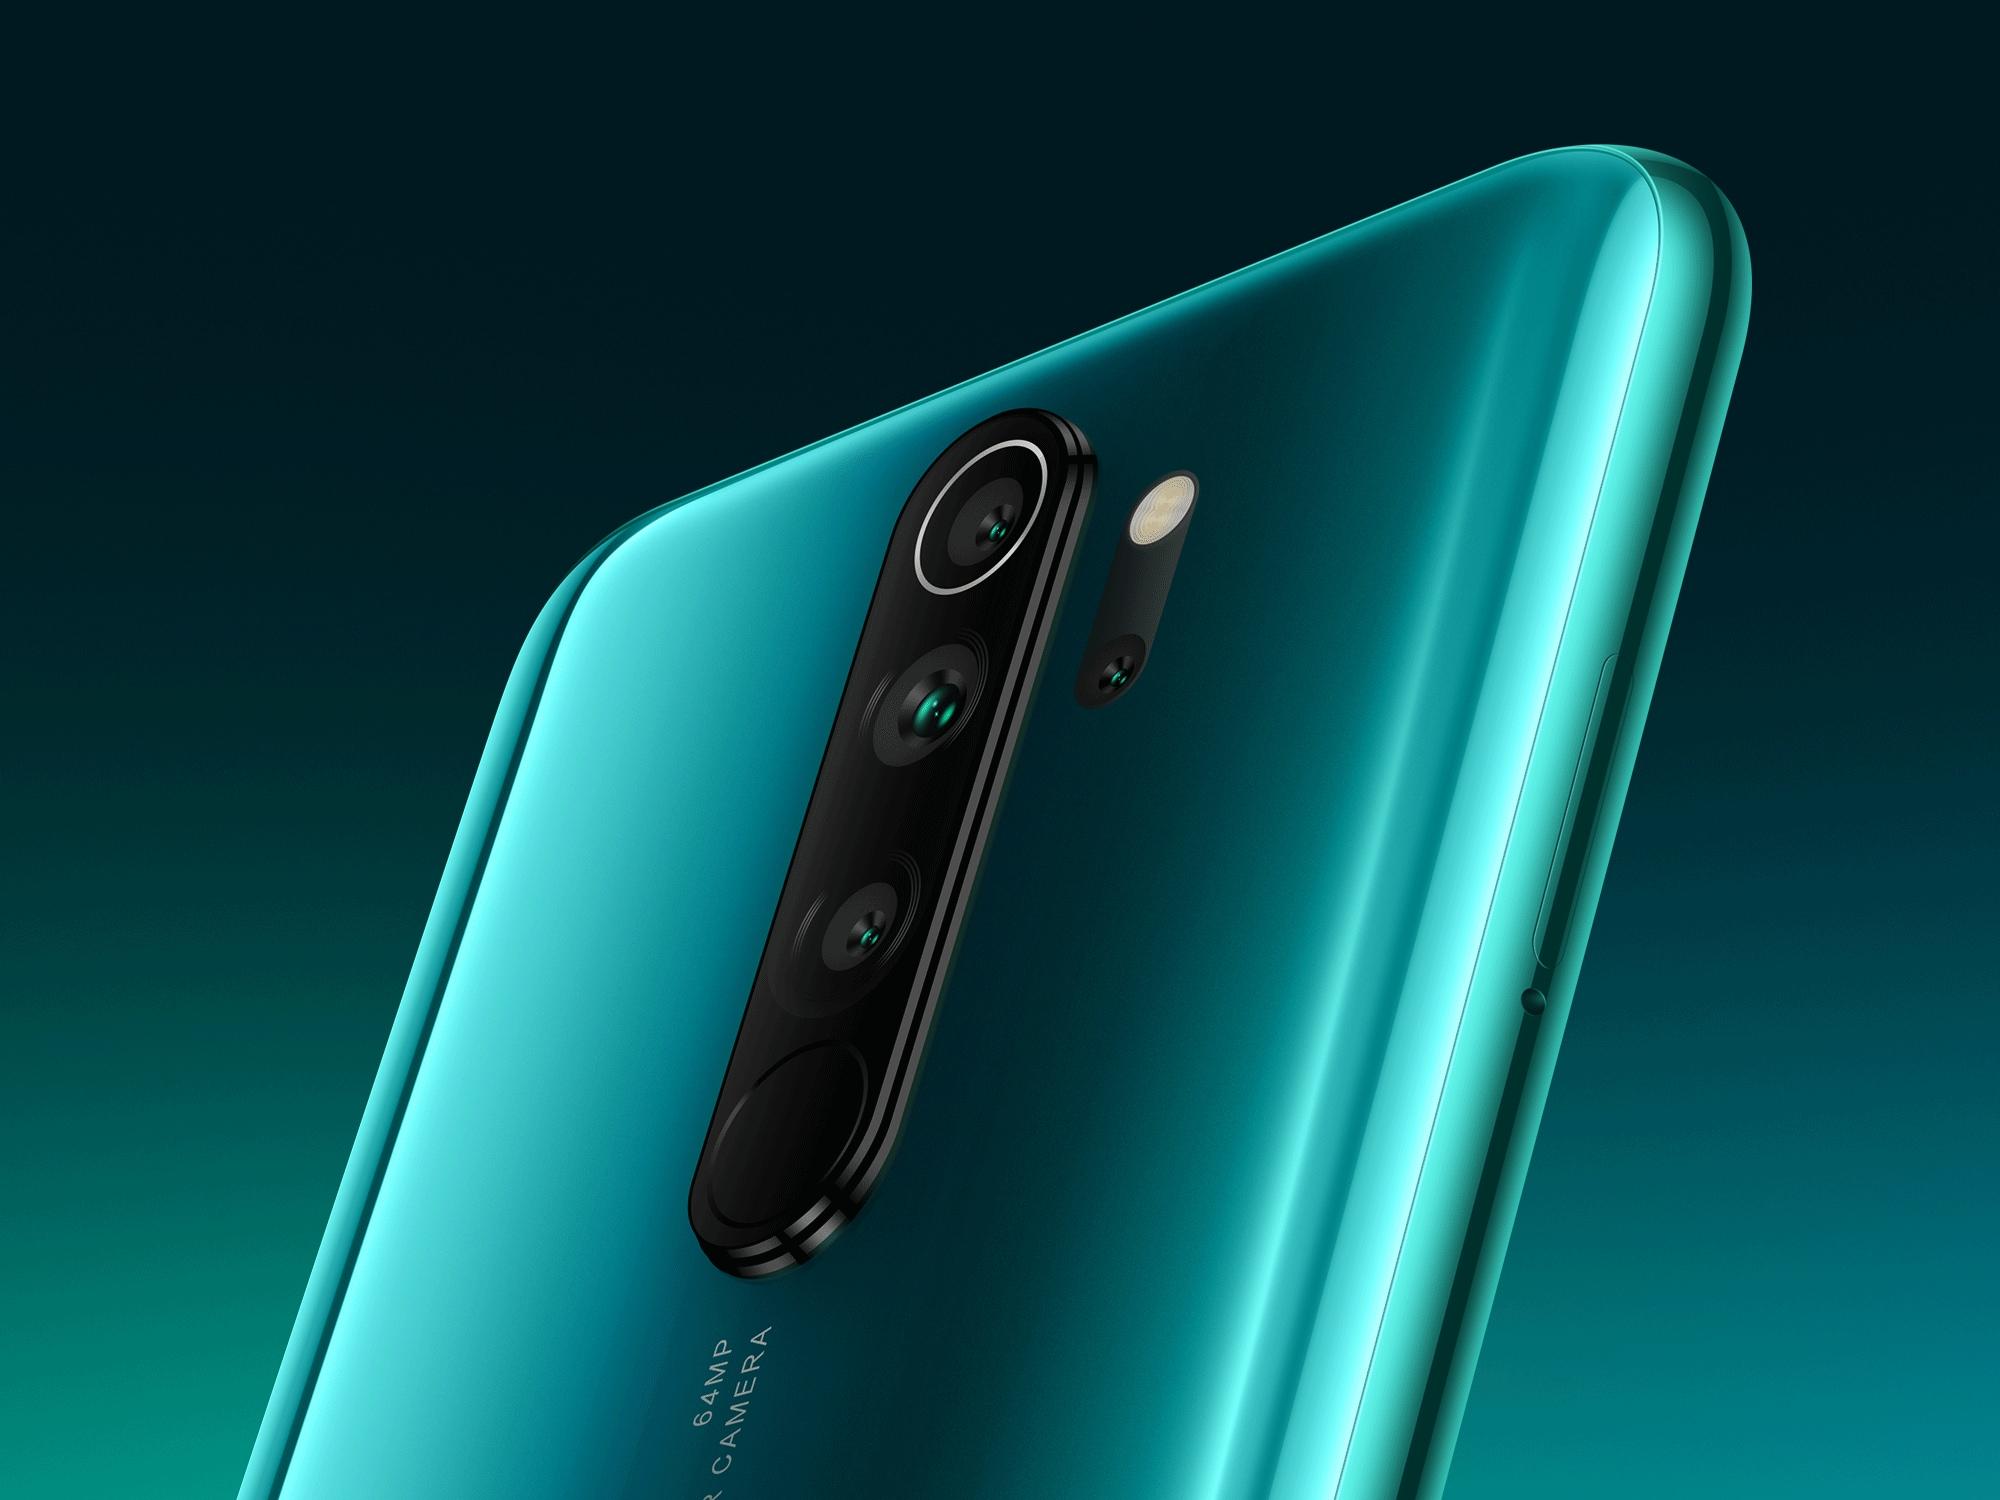 Redmi Note 8 Pro minaccia la concorrenza europea a suon di prezzi stracciati, ma c'è una possibile sbavatura